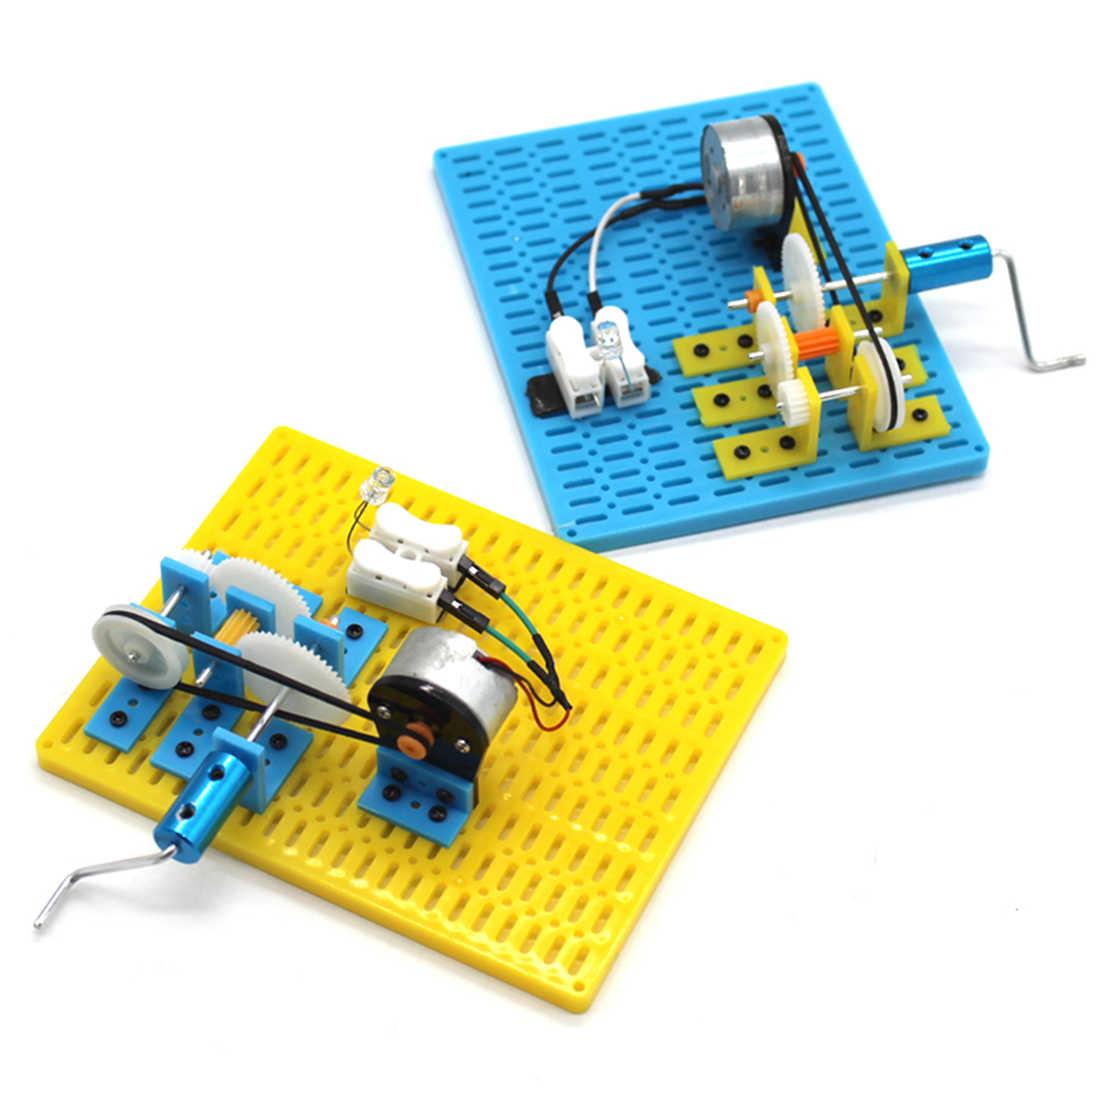 สแควร์มือ Crank Generator เข็มขัดเกียร์เกียร์ Power Generator การทดลองทางวิทยาศาสตร์ DIY ของเล่นสำหรับของเล่นเด็ก